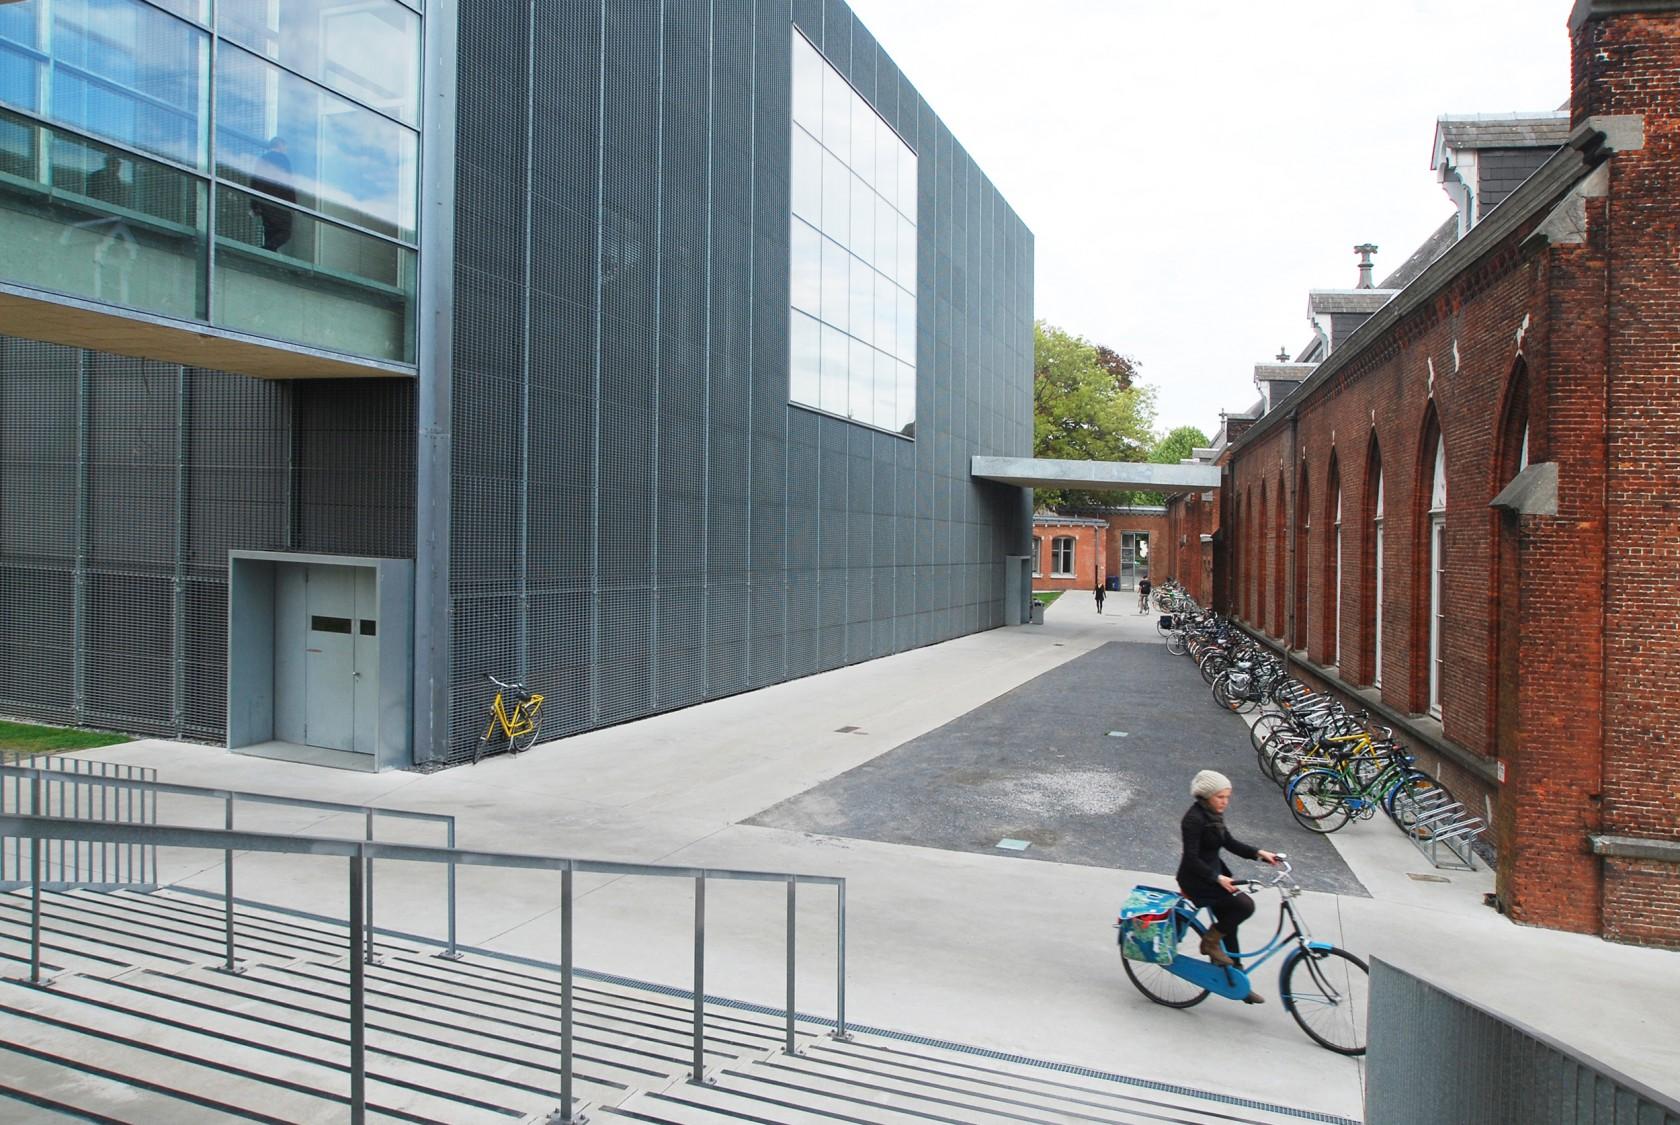 Abscis Architecten - Doorgang tussen de nieuwbouw en het 19de eeuwse Pauligebouw – fotografie Abscis Architecten